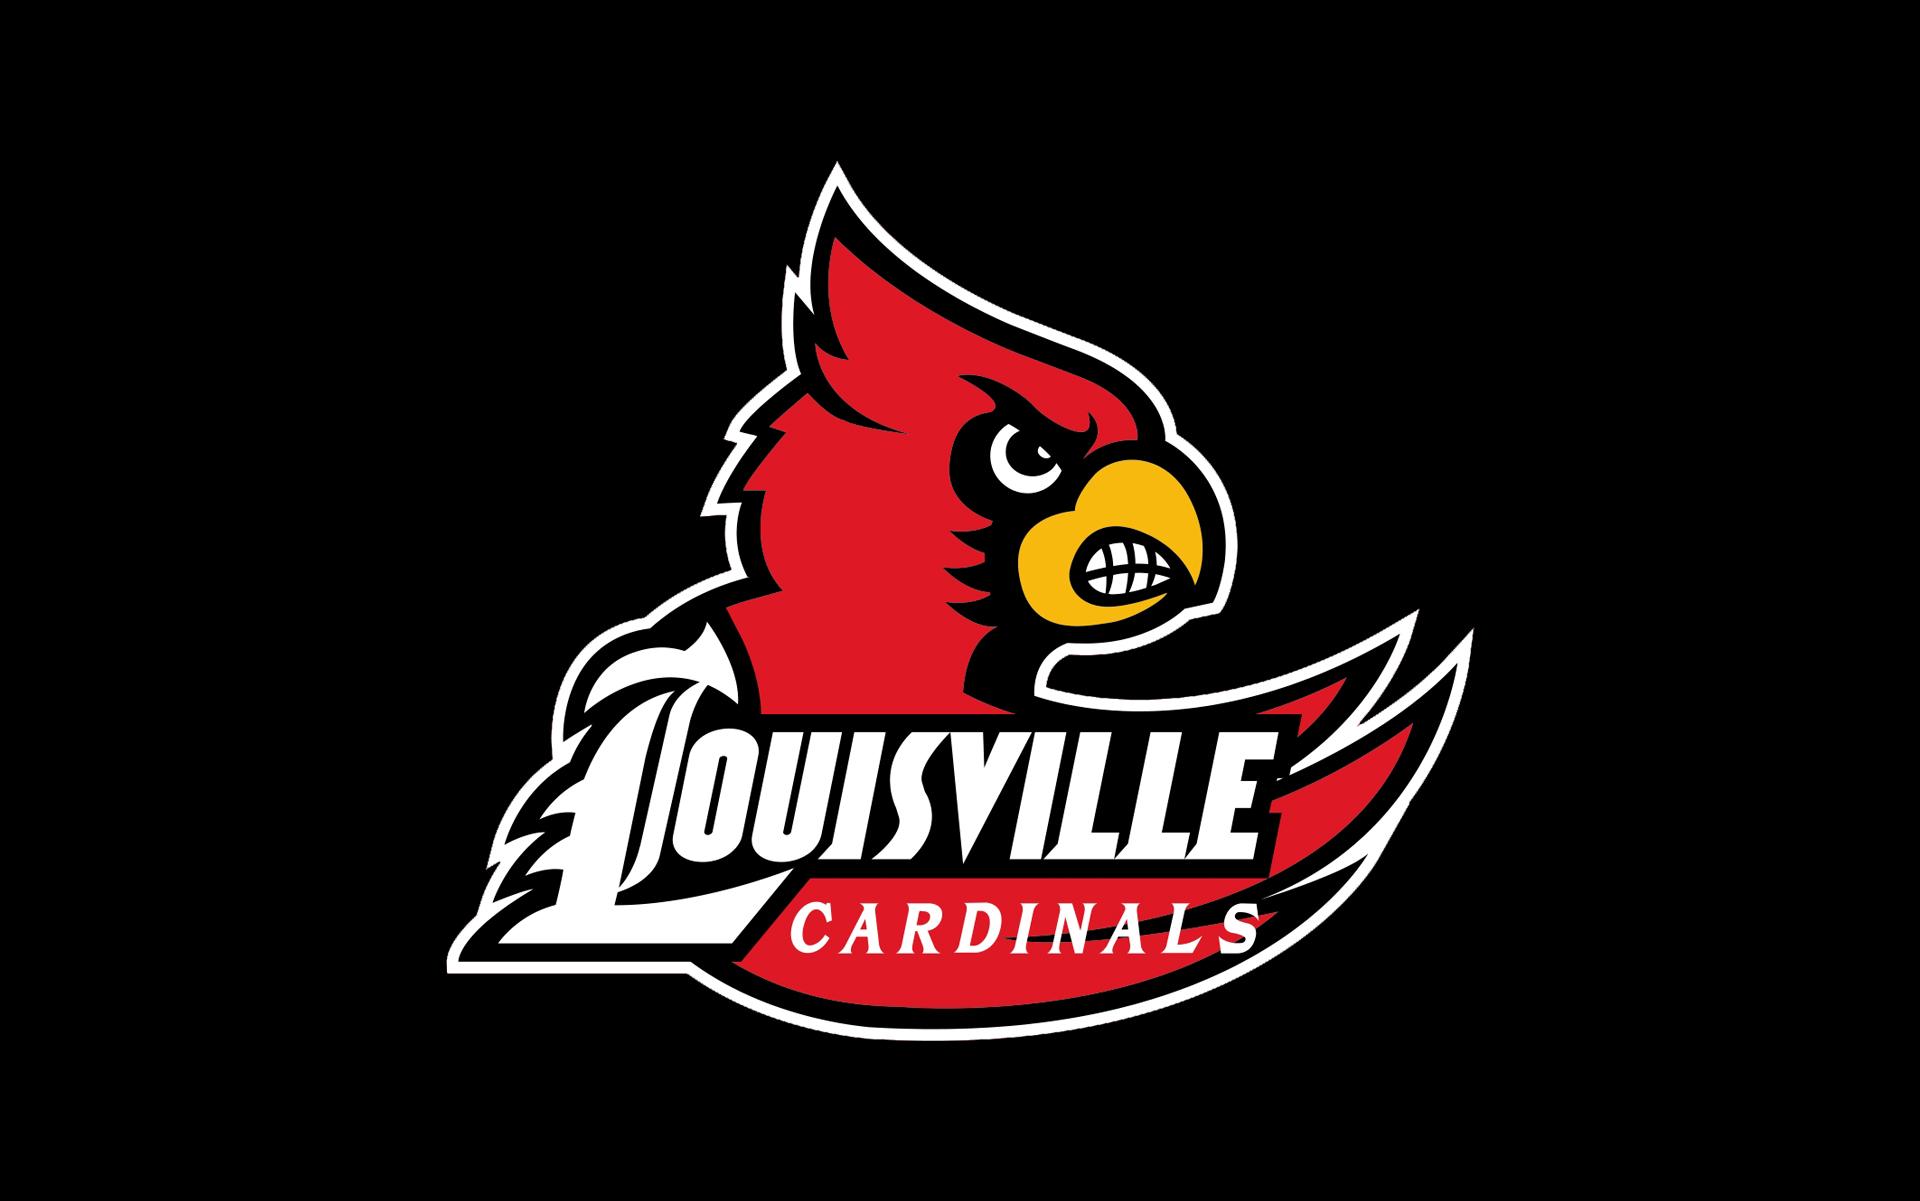 Louisville Cardinals Wallpaper